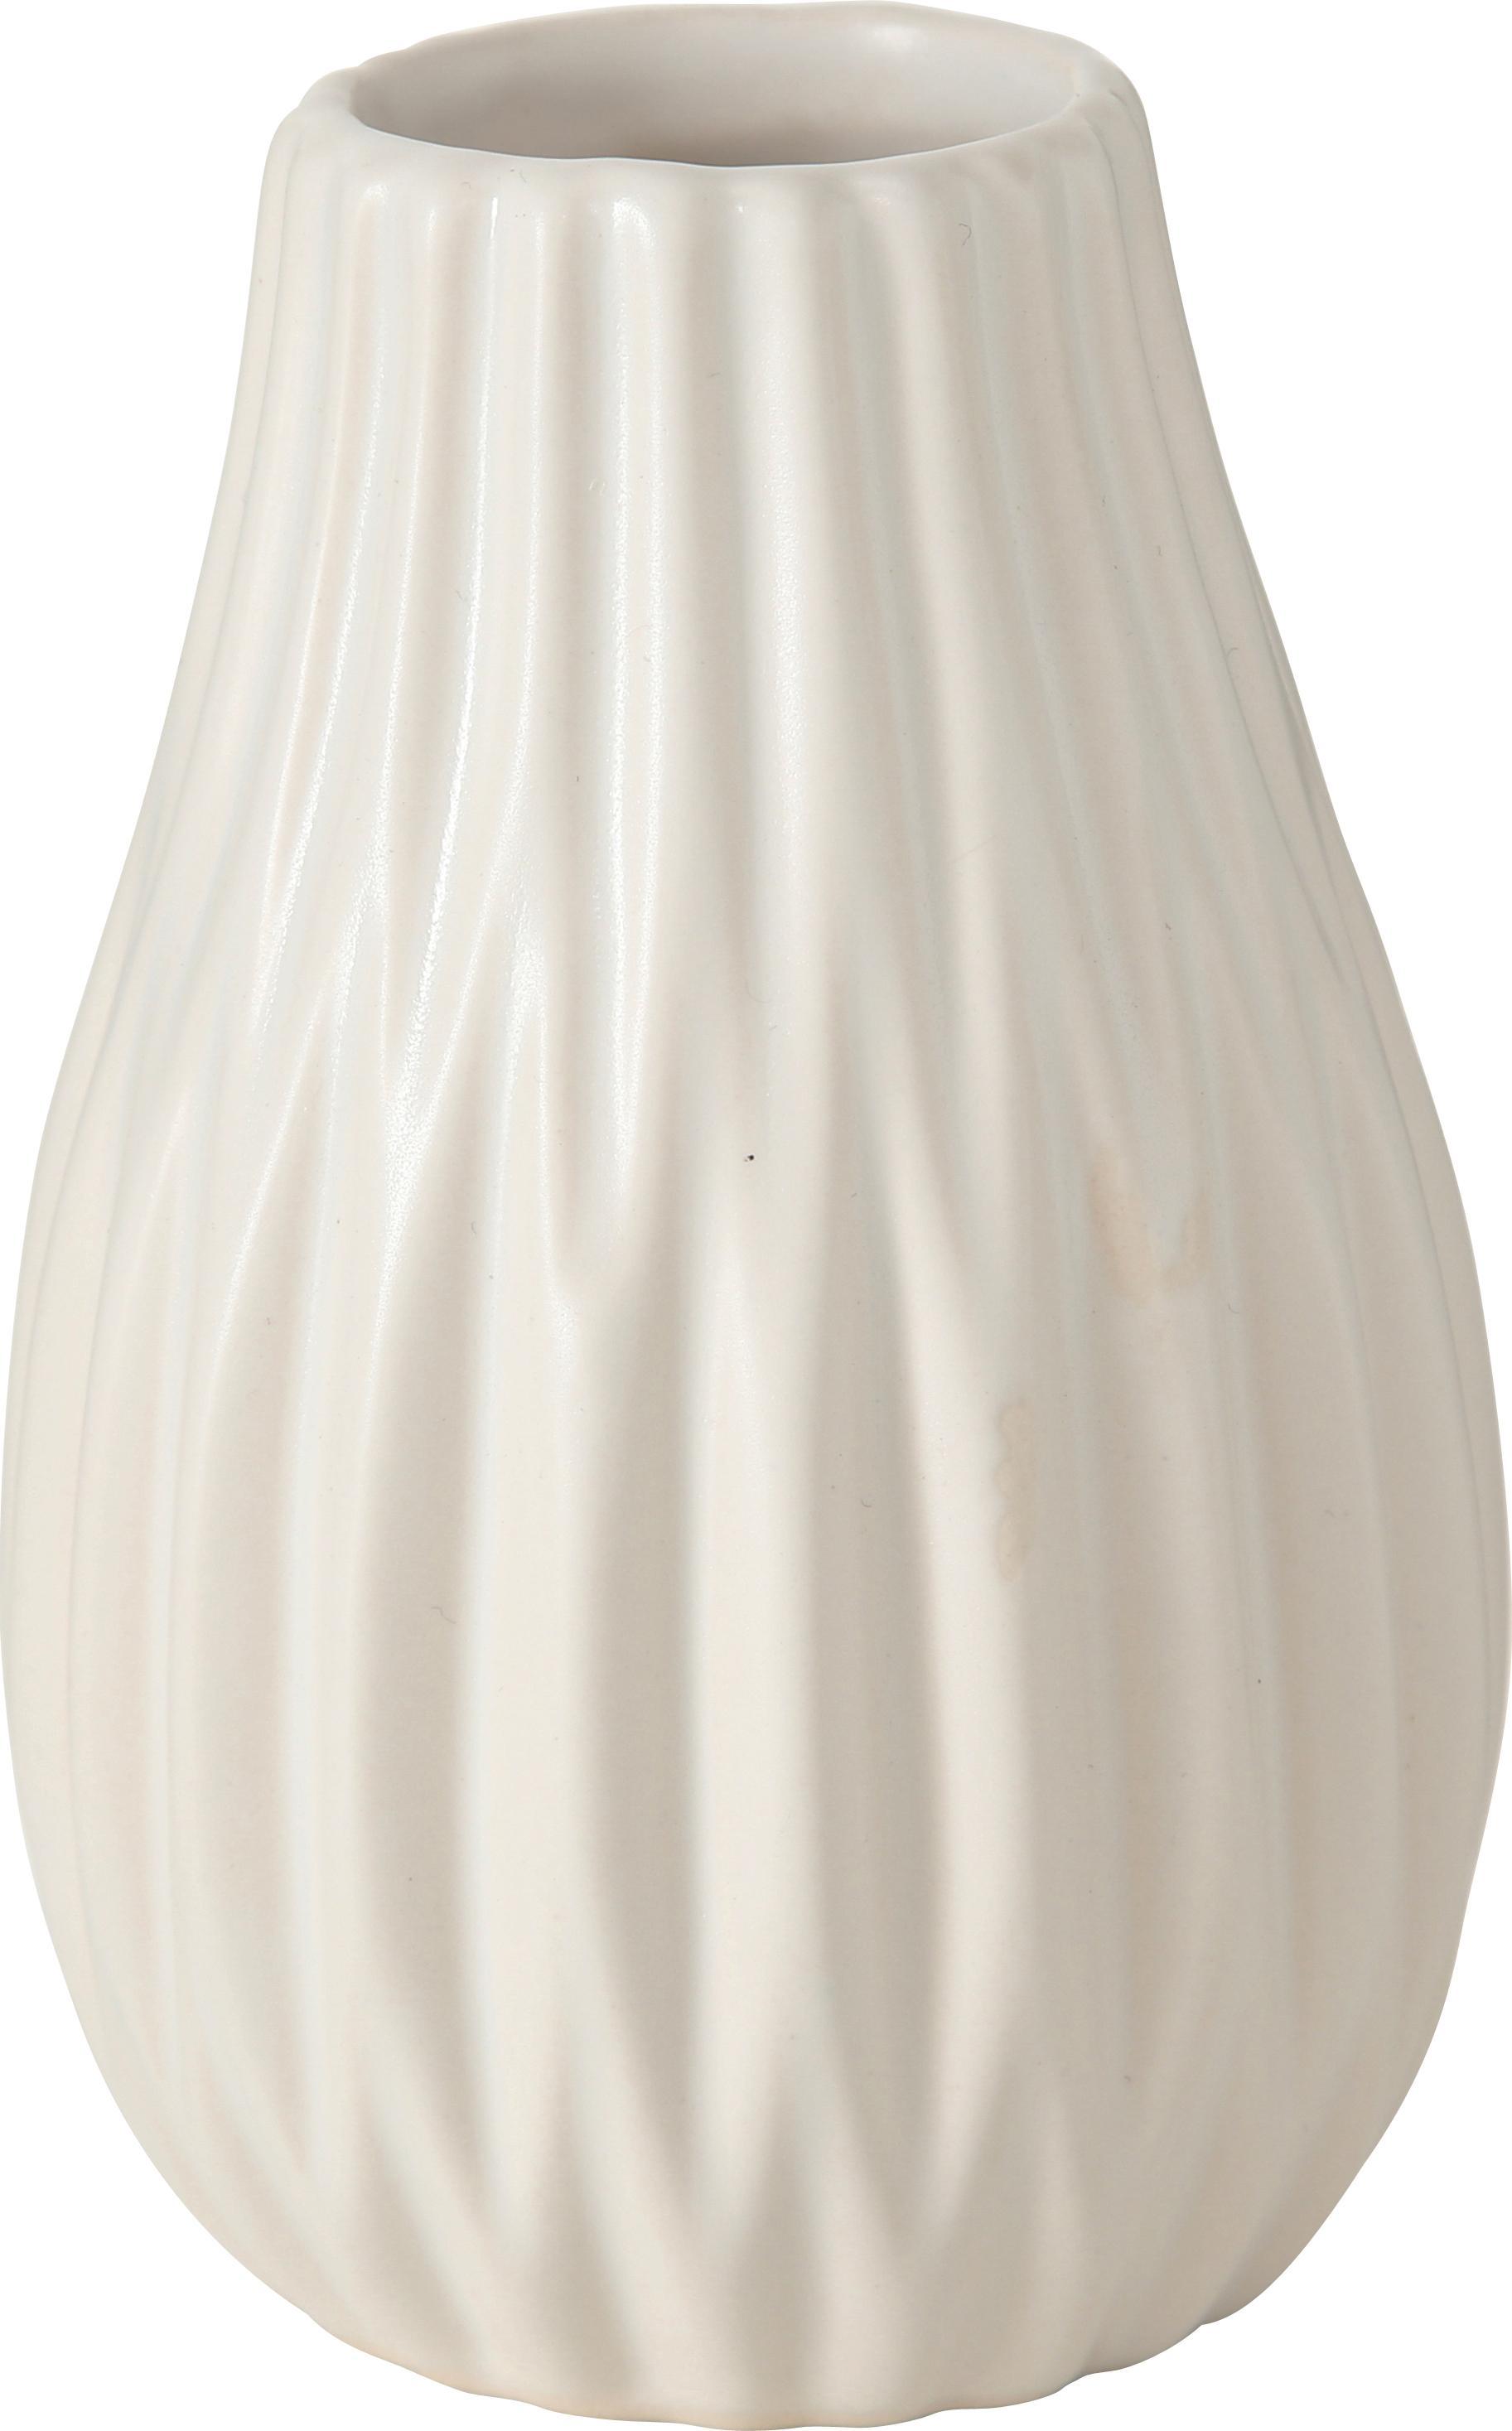 Set 3 vasi in terracotta Wilma, Terracotta, Grigio, bianco, rosa, Ø 8 x Alt. 14 cm